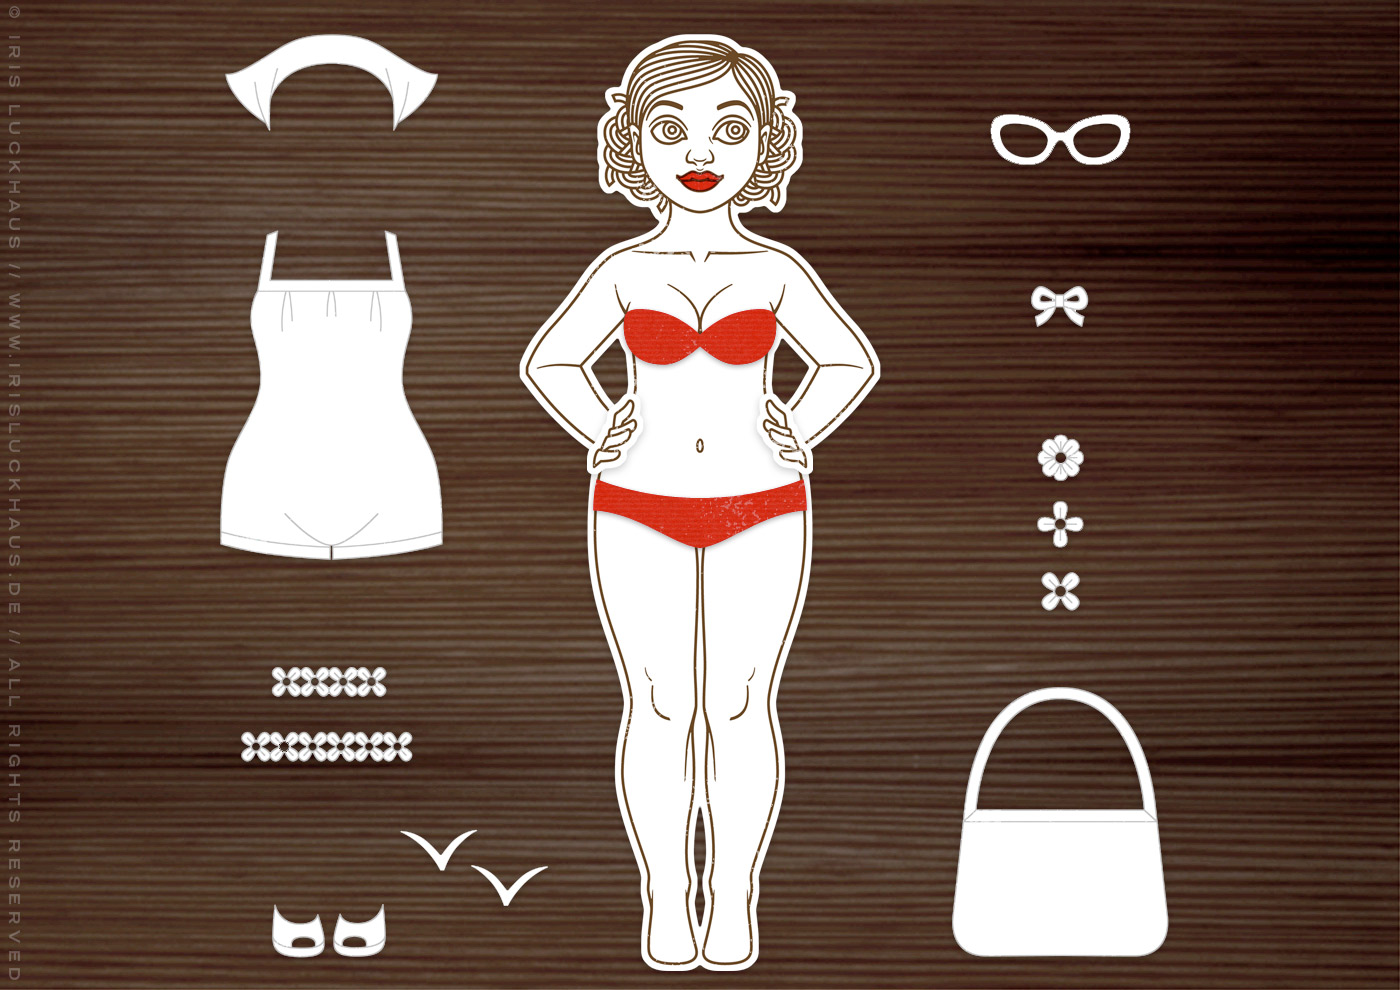 DIY Stempel und Stanzen für Anziehpuppe Gerti geht baden im Sommer mit Badeanzug, Badetasche, Bikini, Sonnenbrille und Peeptoes